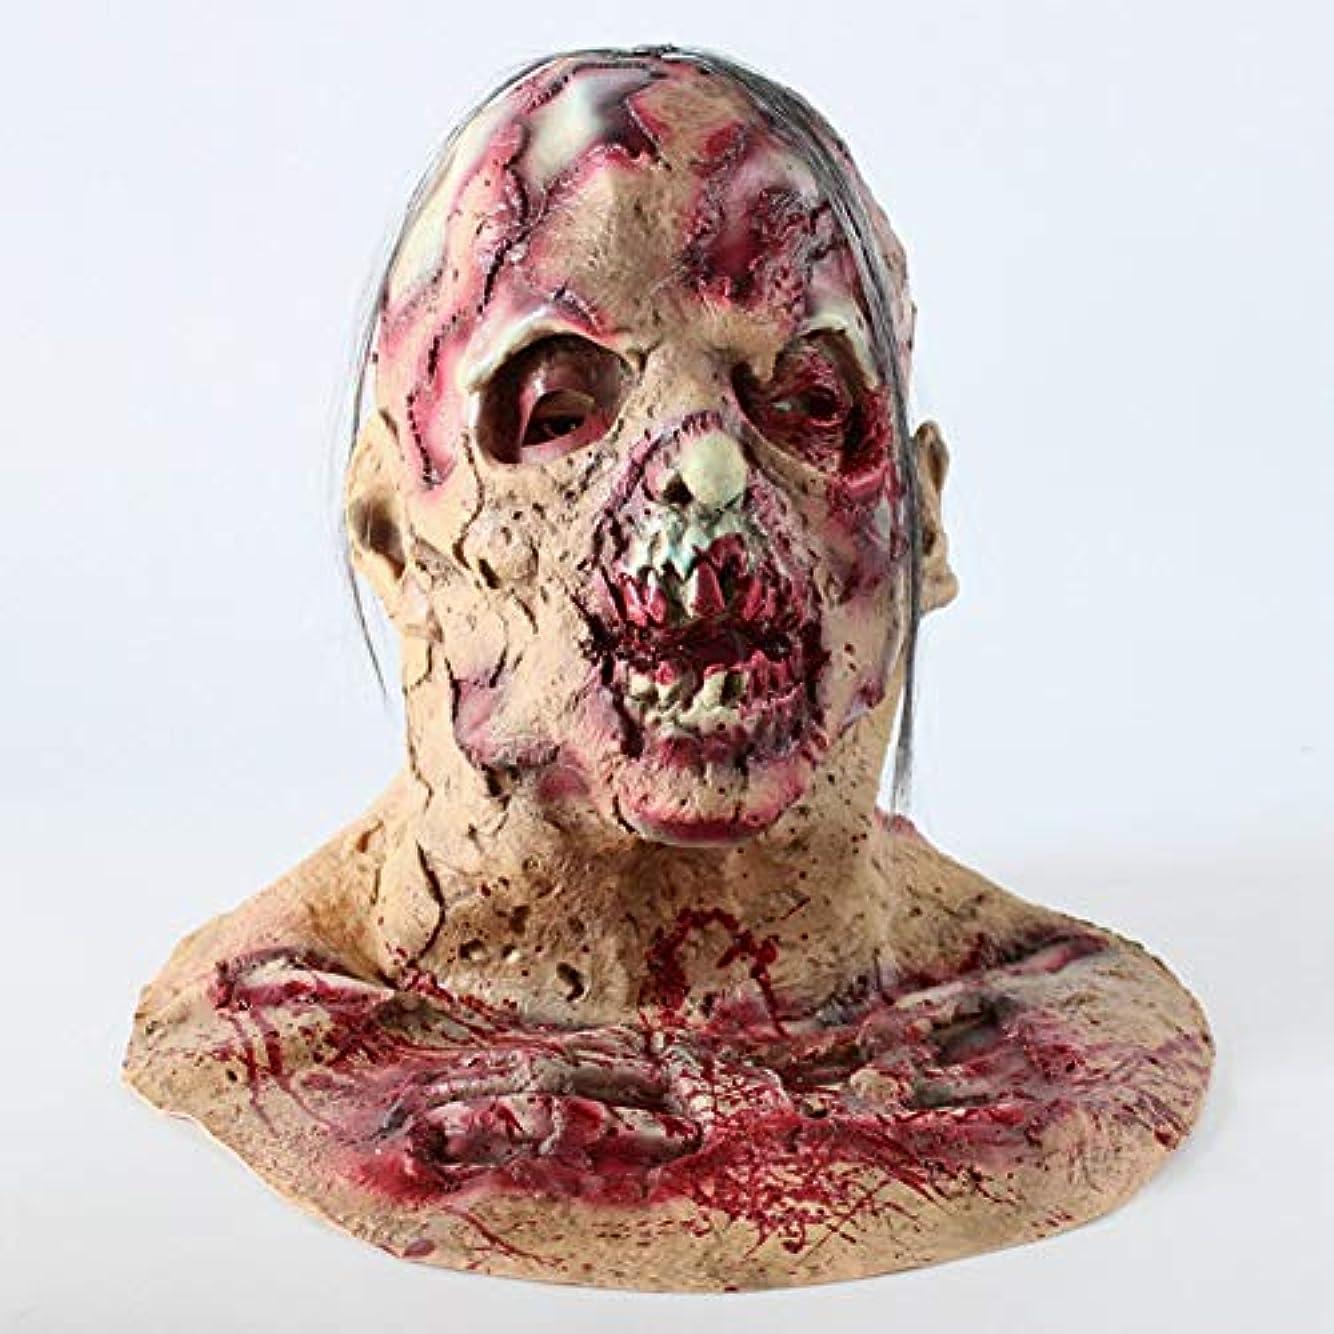 感性写真願望ハロウィーンホラーマスク、嫌なゾンビマスク、バイオハザードヘッドマスク、パーティー仮装ラテックスマスク